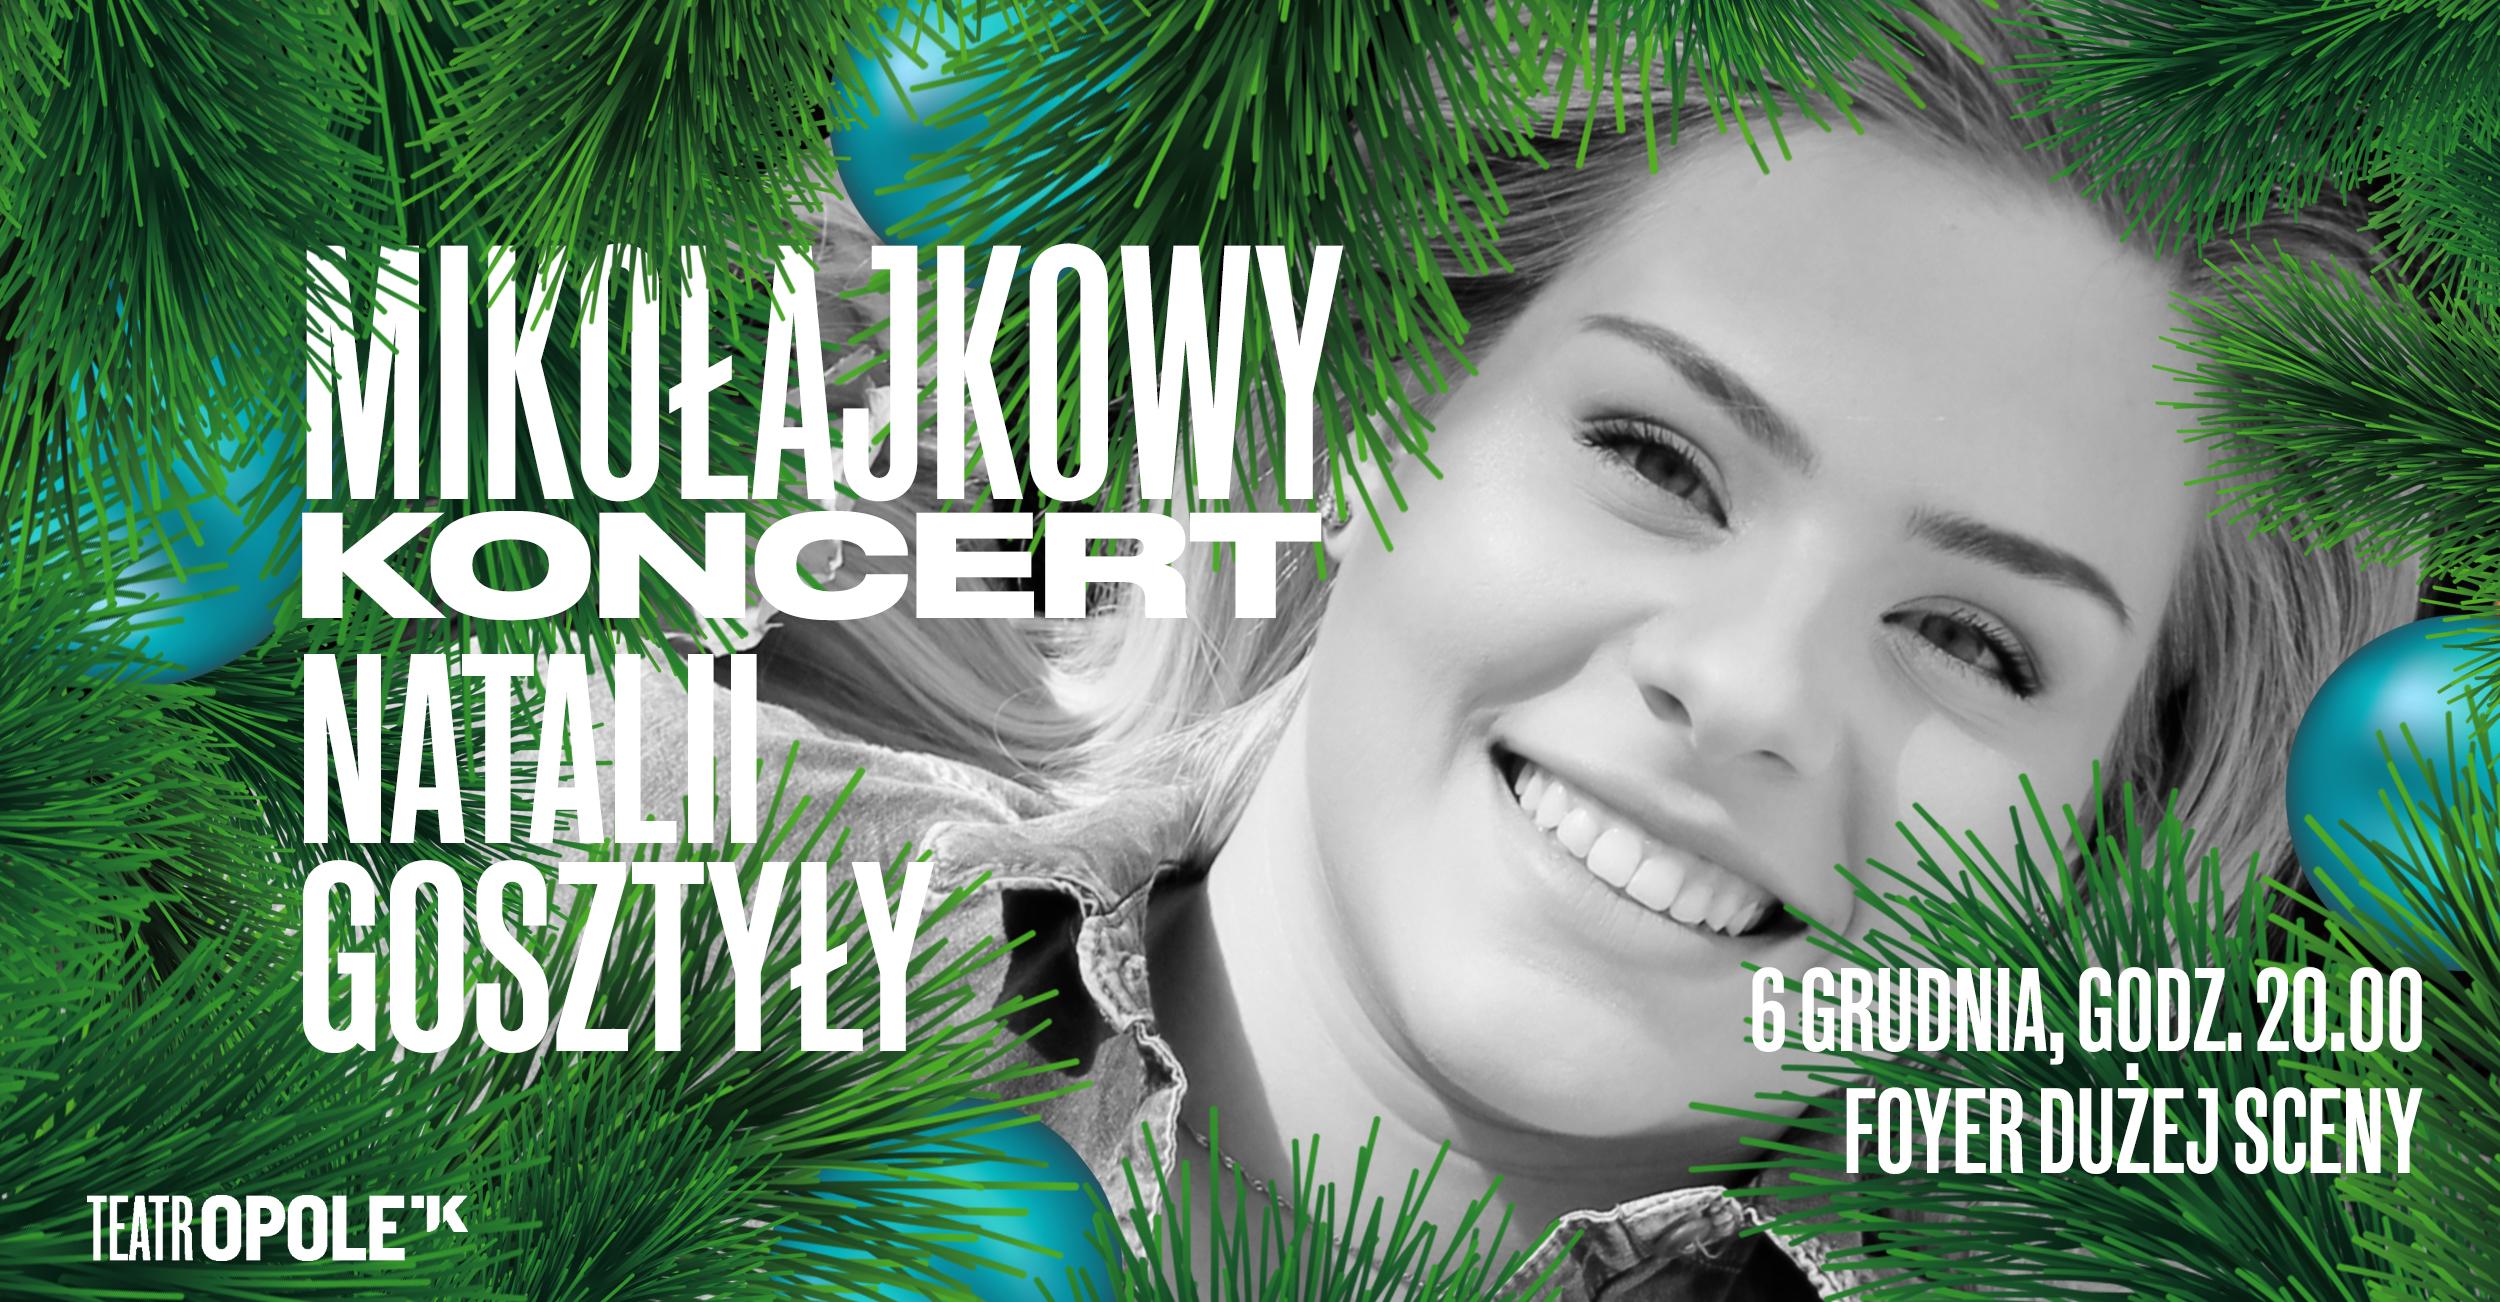 Koncert mikołajkowy. Zapraszamy 6 grudnia